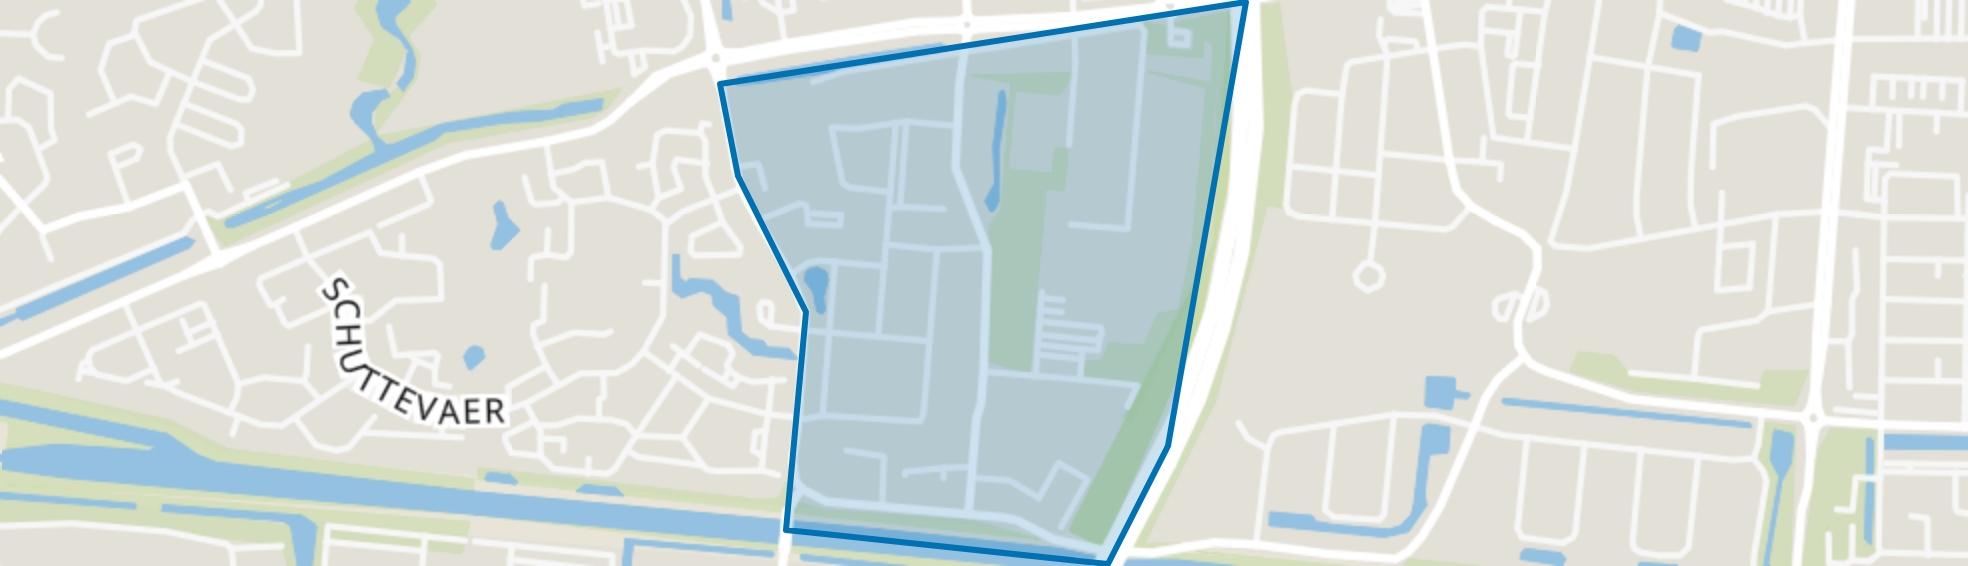 Schutlanden-Oost, Hoogeveen map